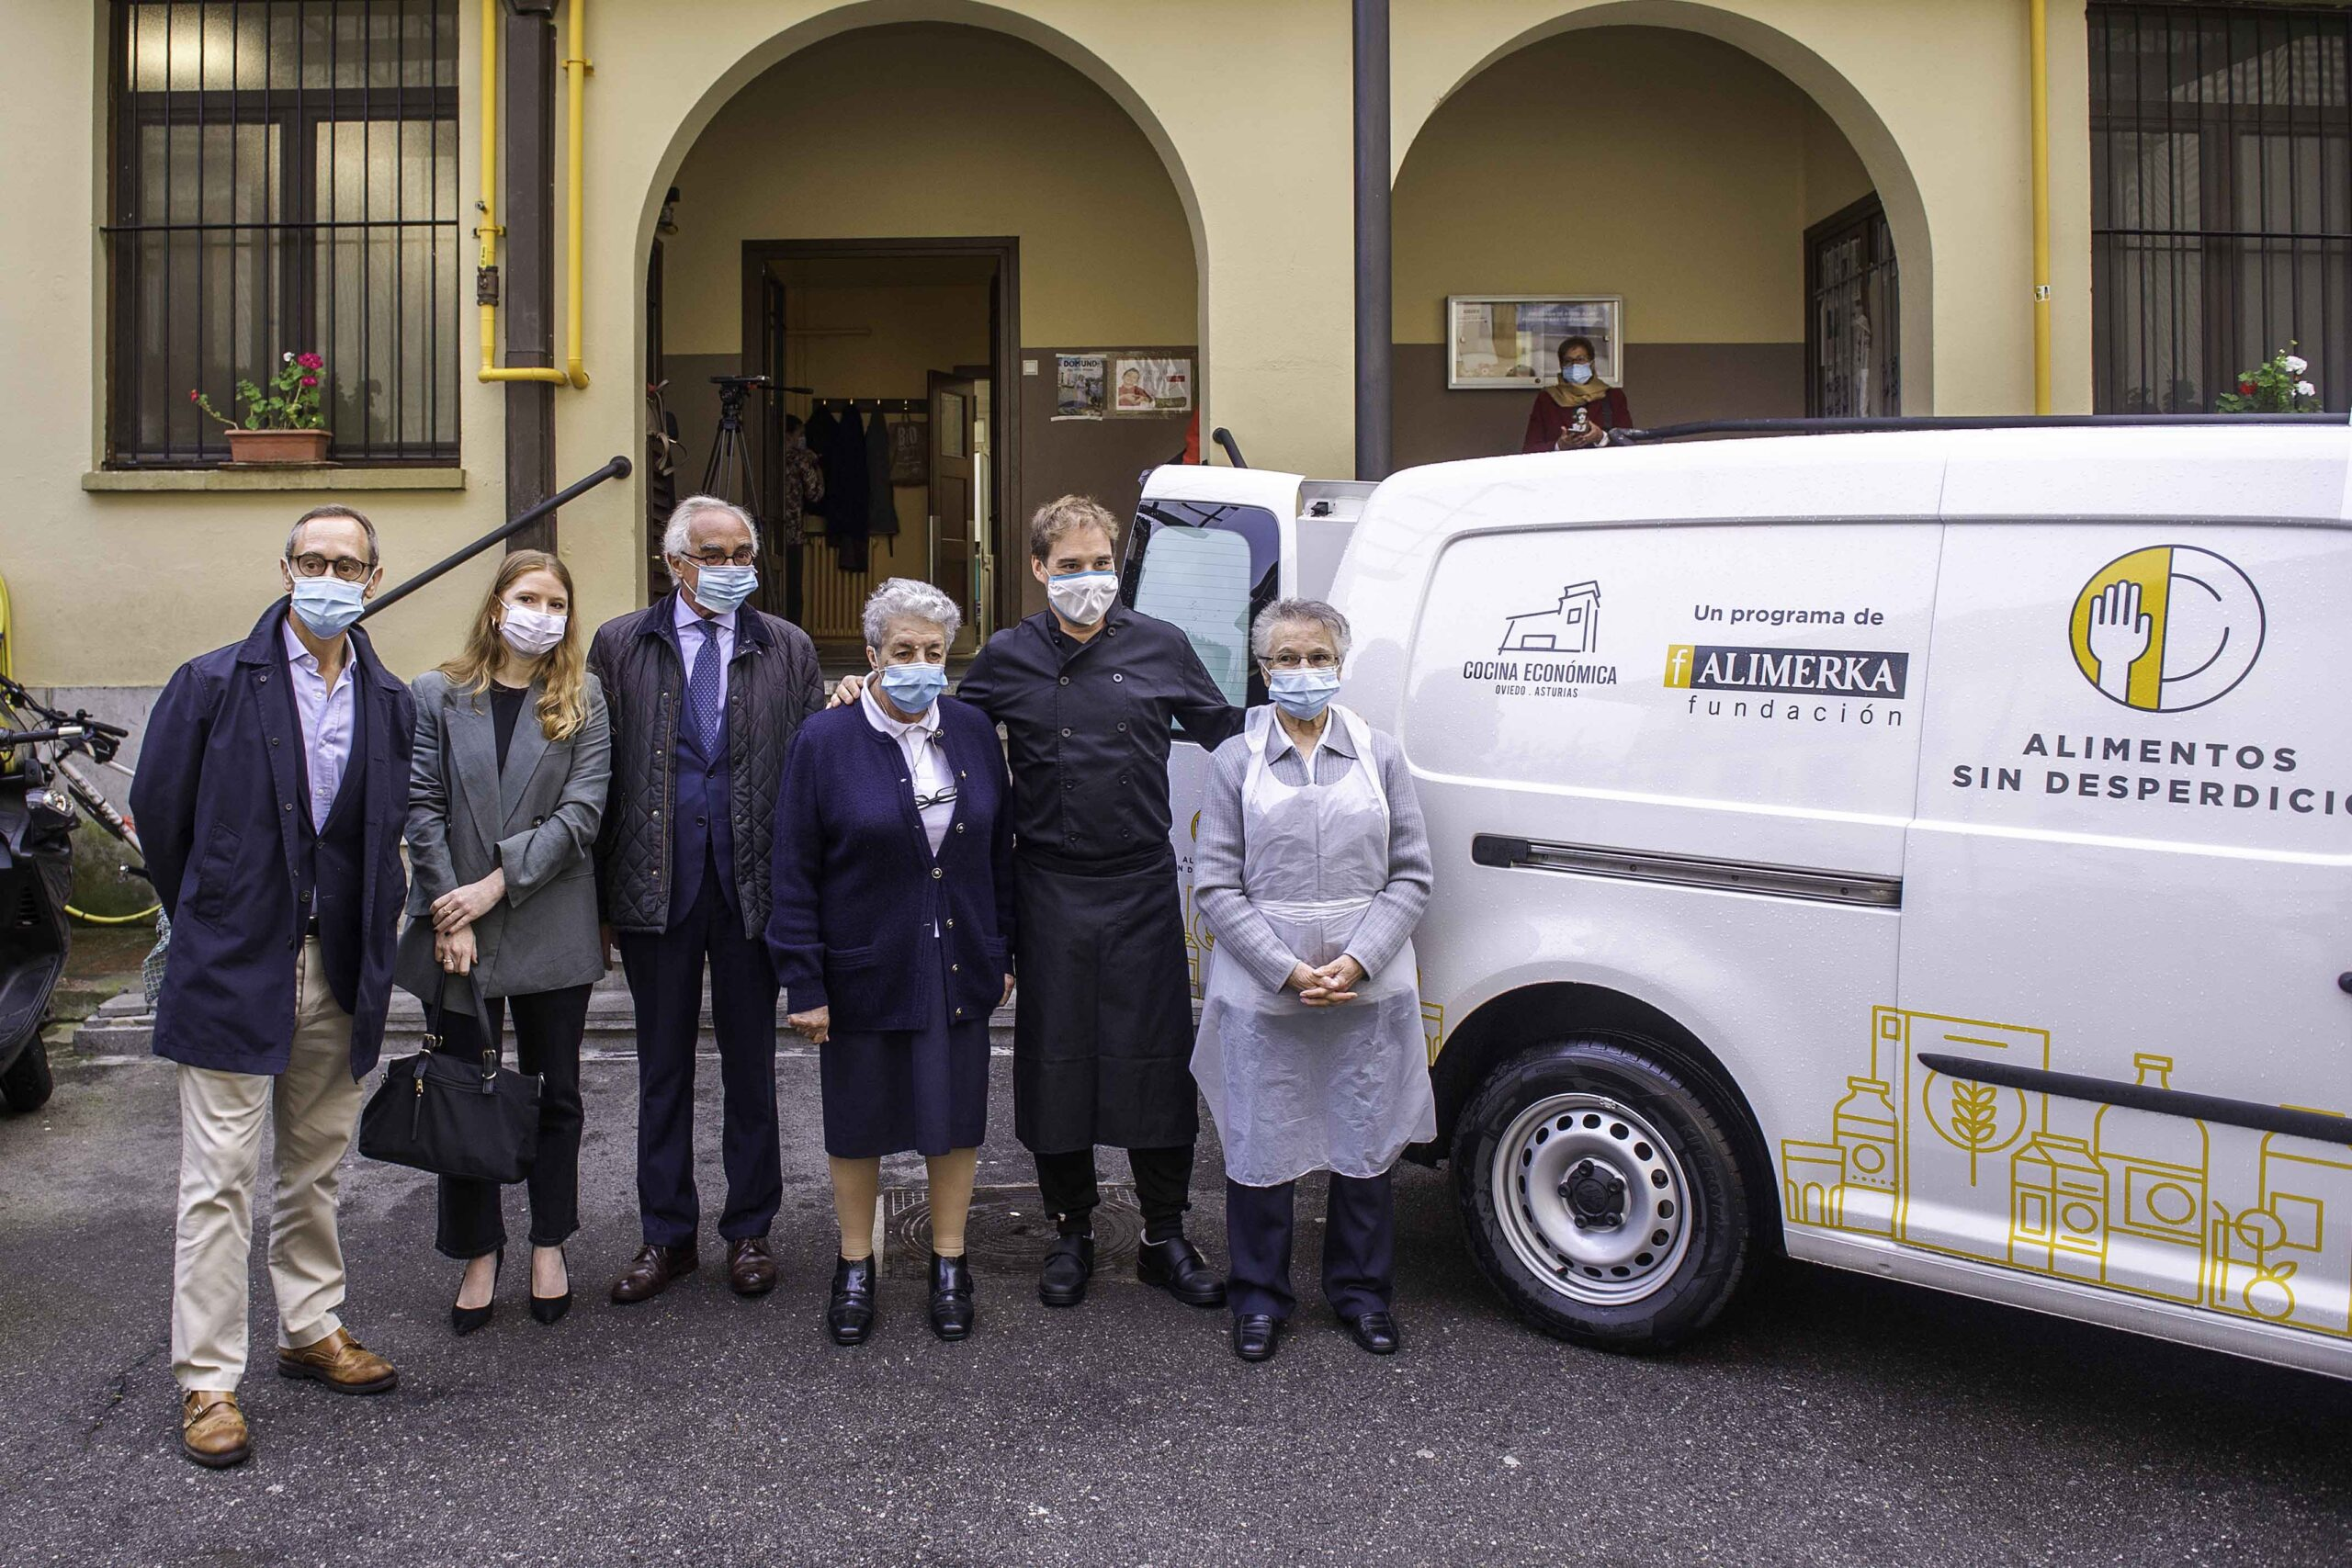 La Cocina Económica de Oviedo recibe una furgoneta donada por la Fundación Alimerka